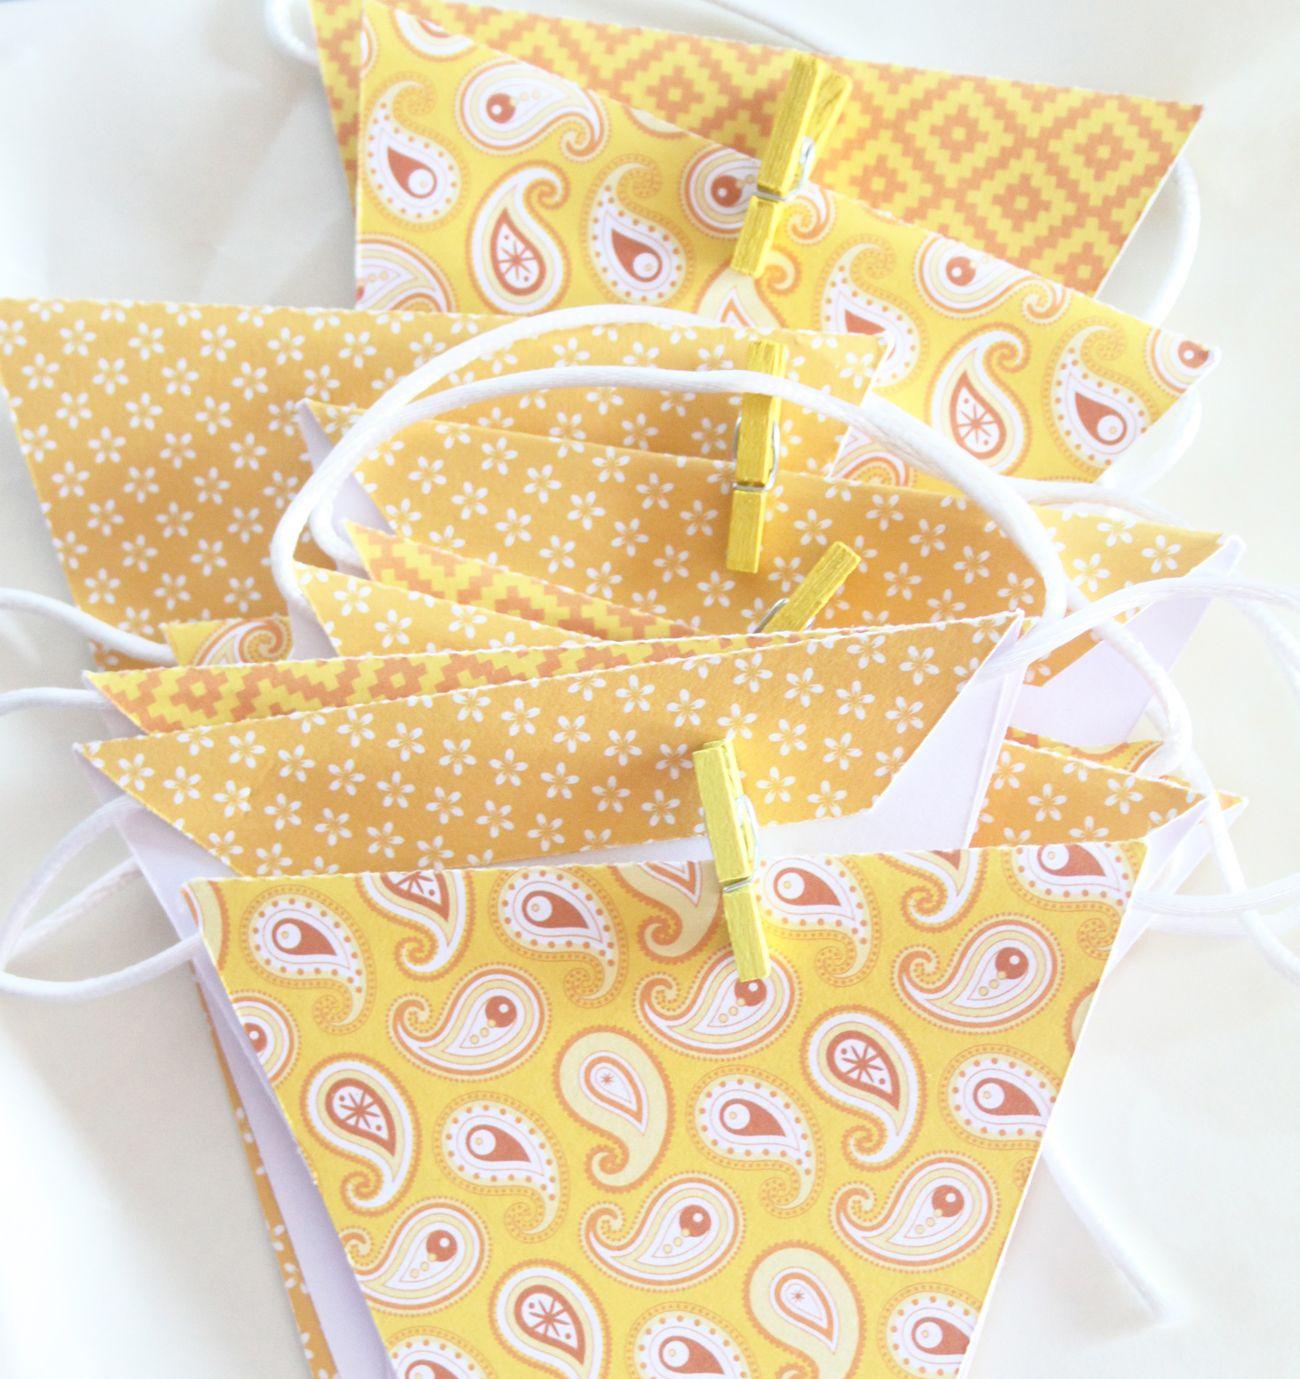 #banderines #papel #amarillo #scrpa #cumpleaños #fiesta